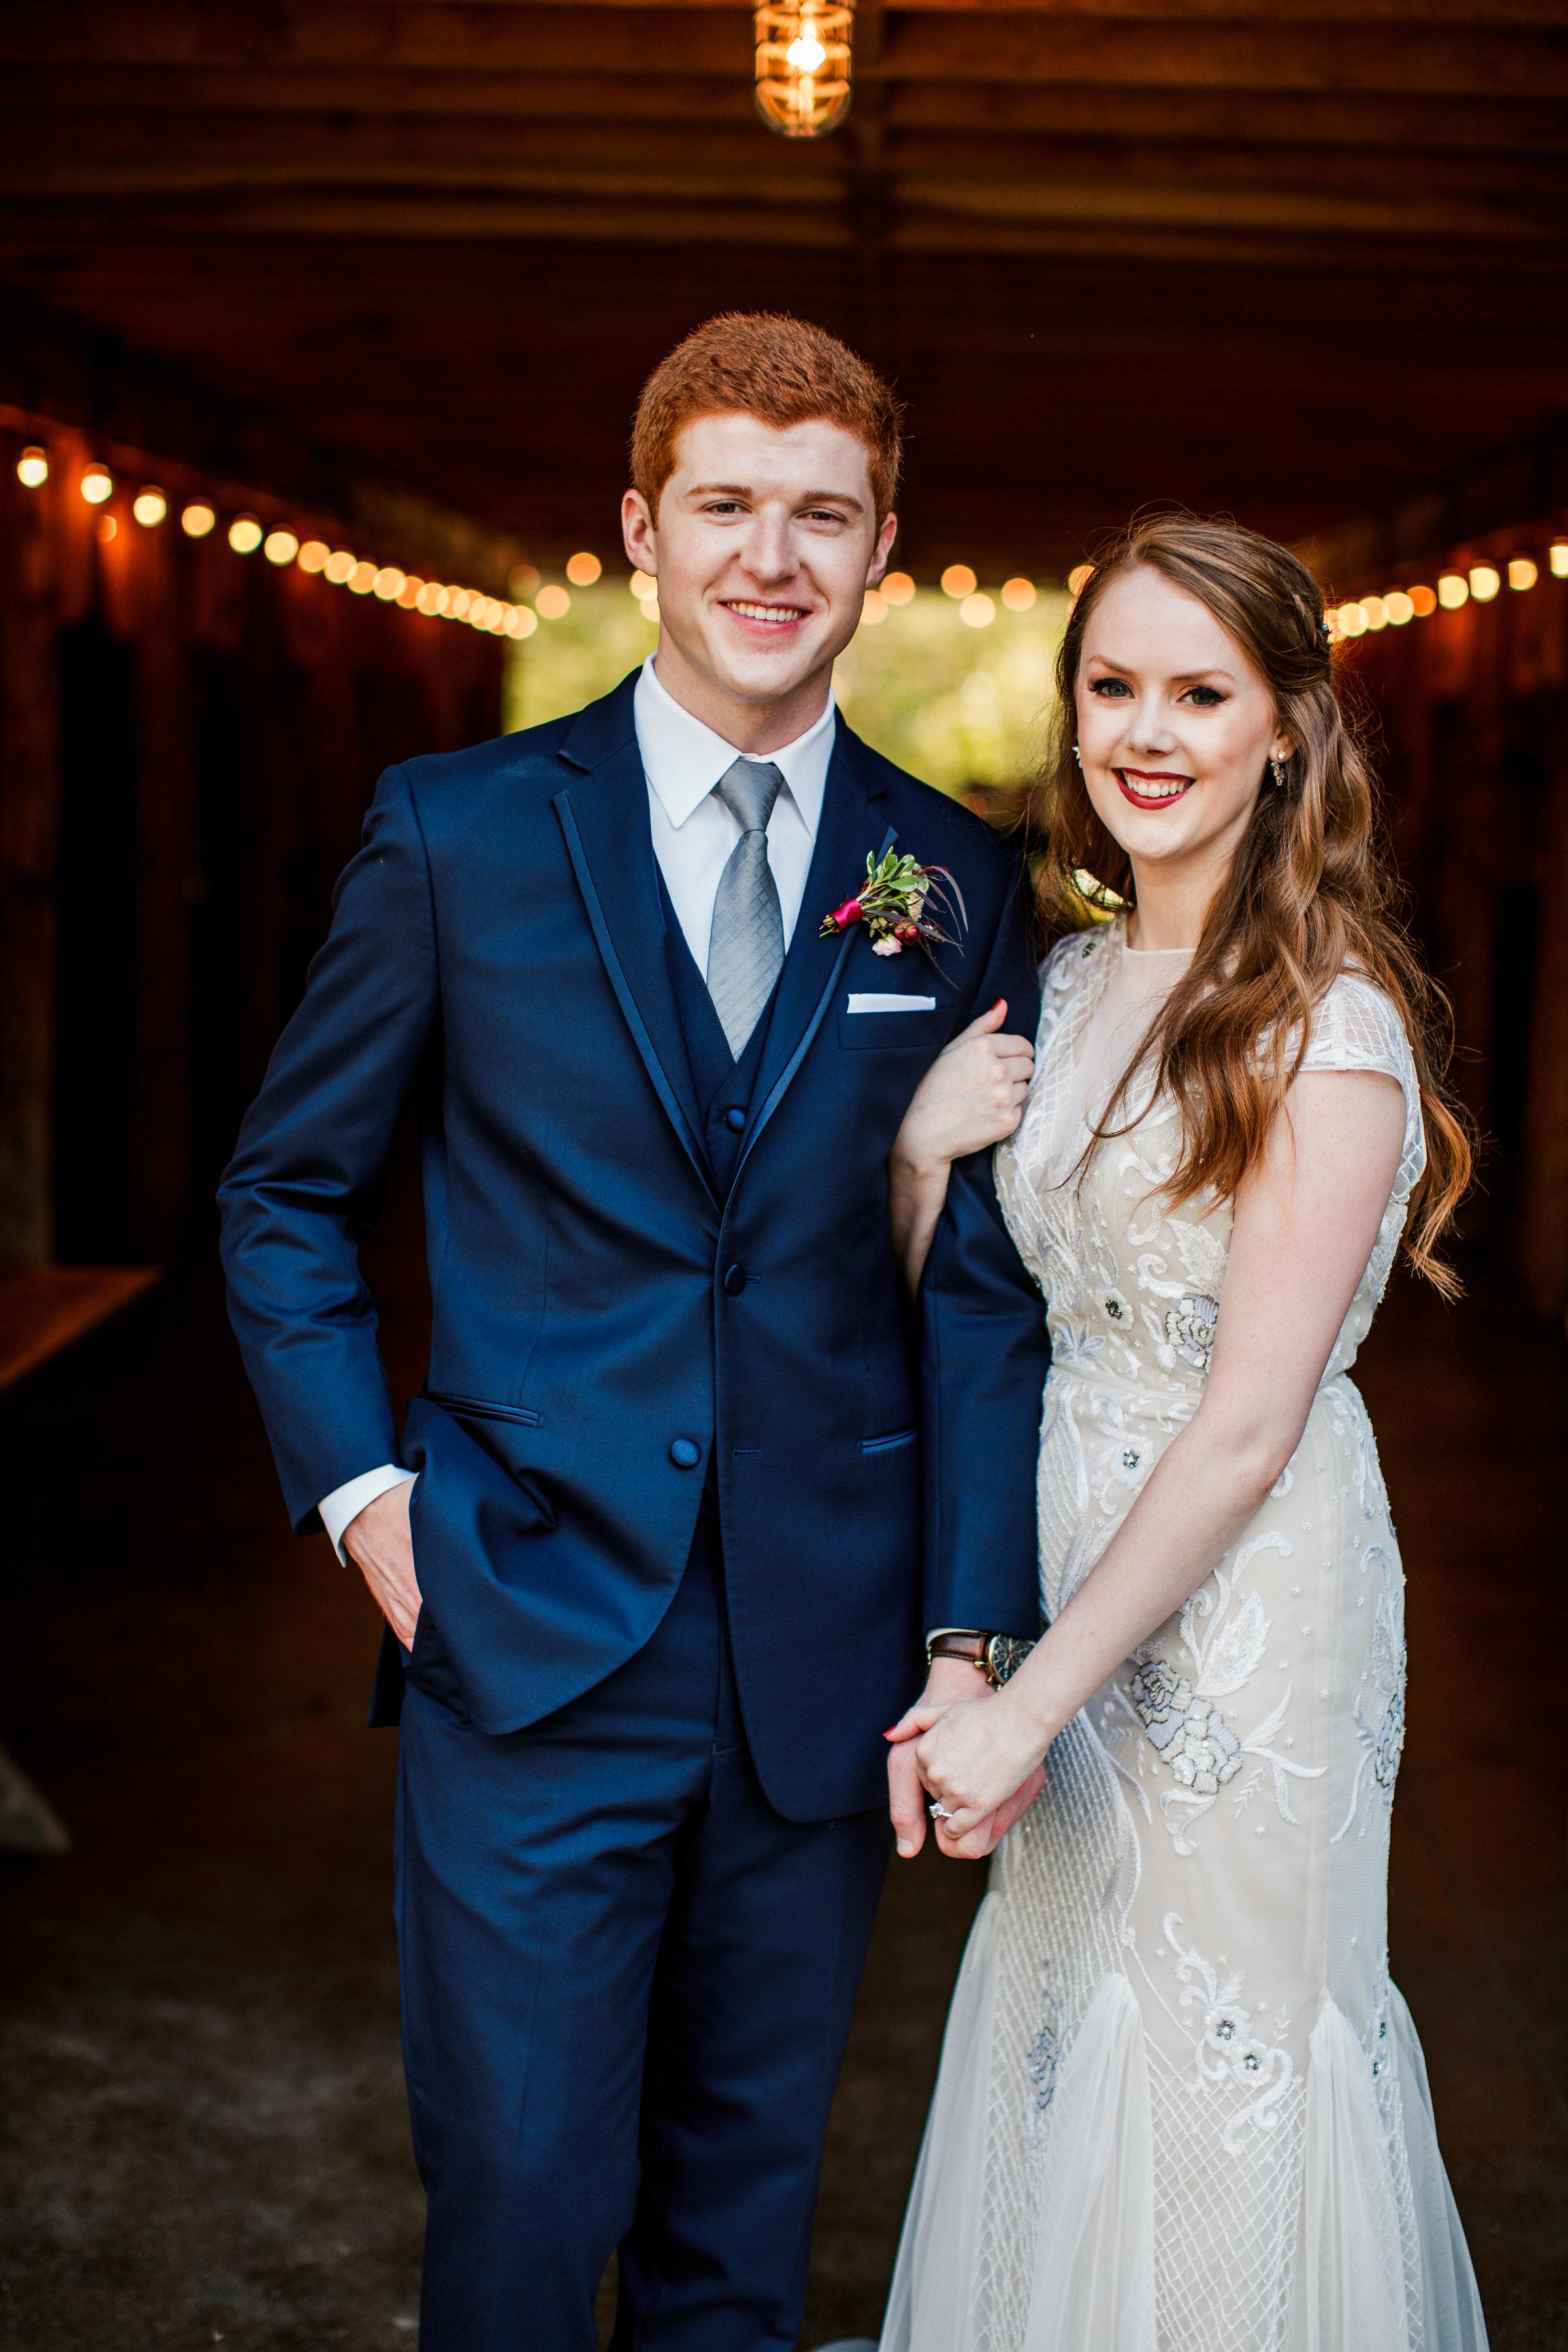 Wrens-Nest-Wedding-Murfreesboro-TN 29.jpg